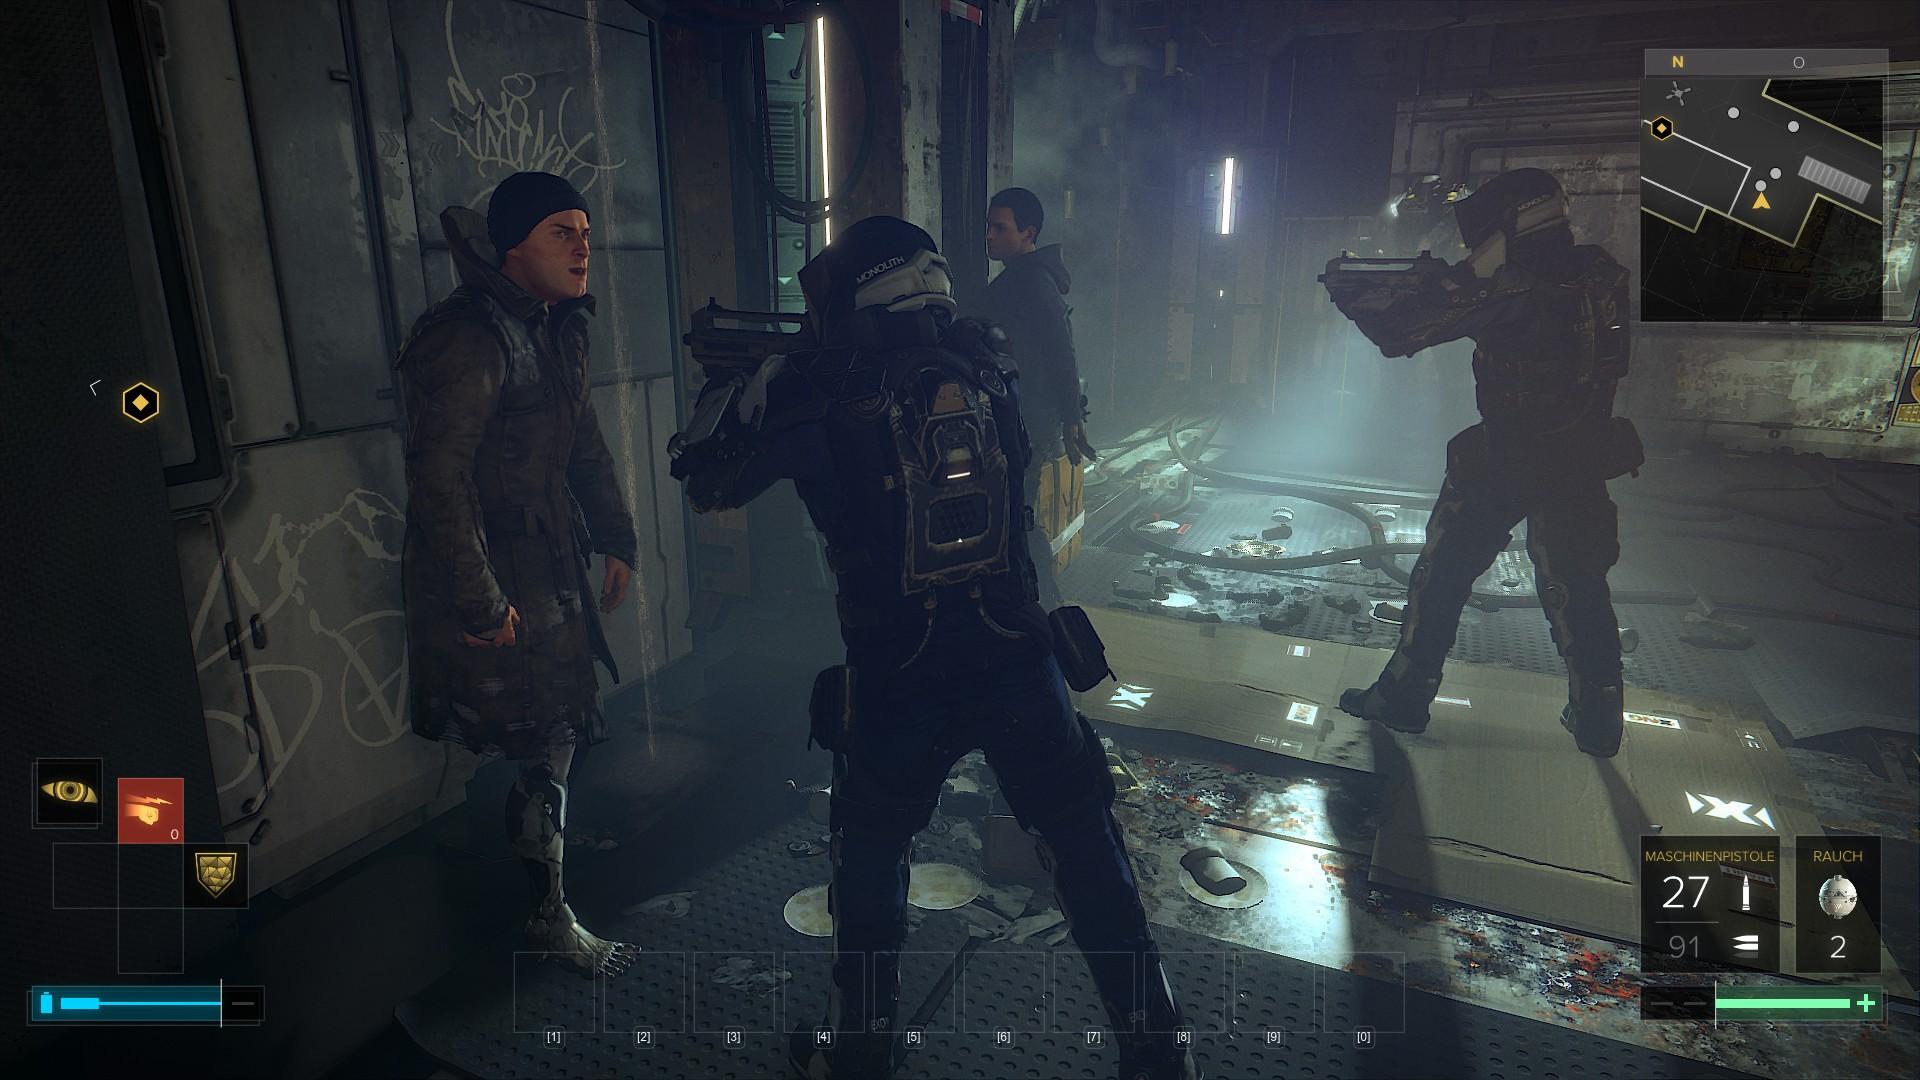 Deus Ex Mankind Divided im Test: Der Agent aus dem Hardwarelabor - In Golem City geht die Polizei betont hart vor. (Screenshot: Golem.de)